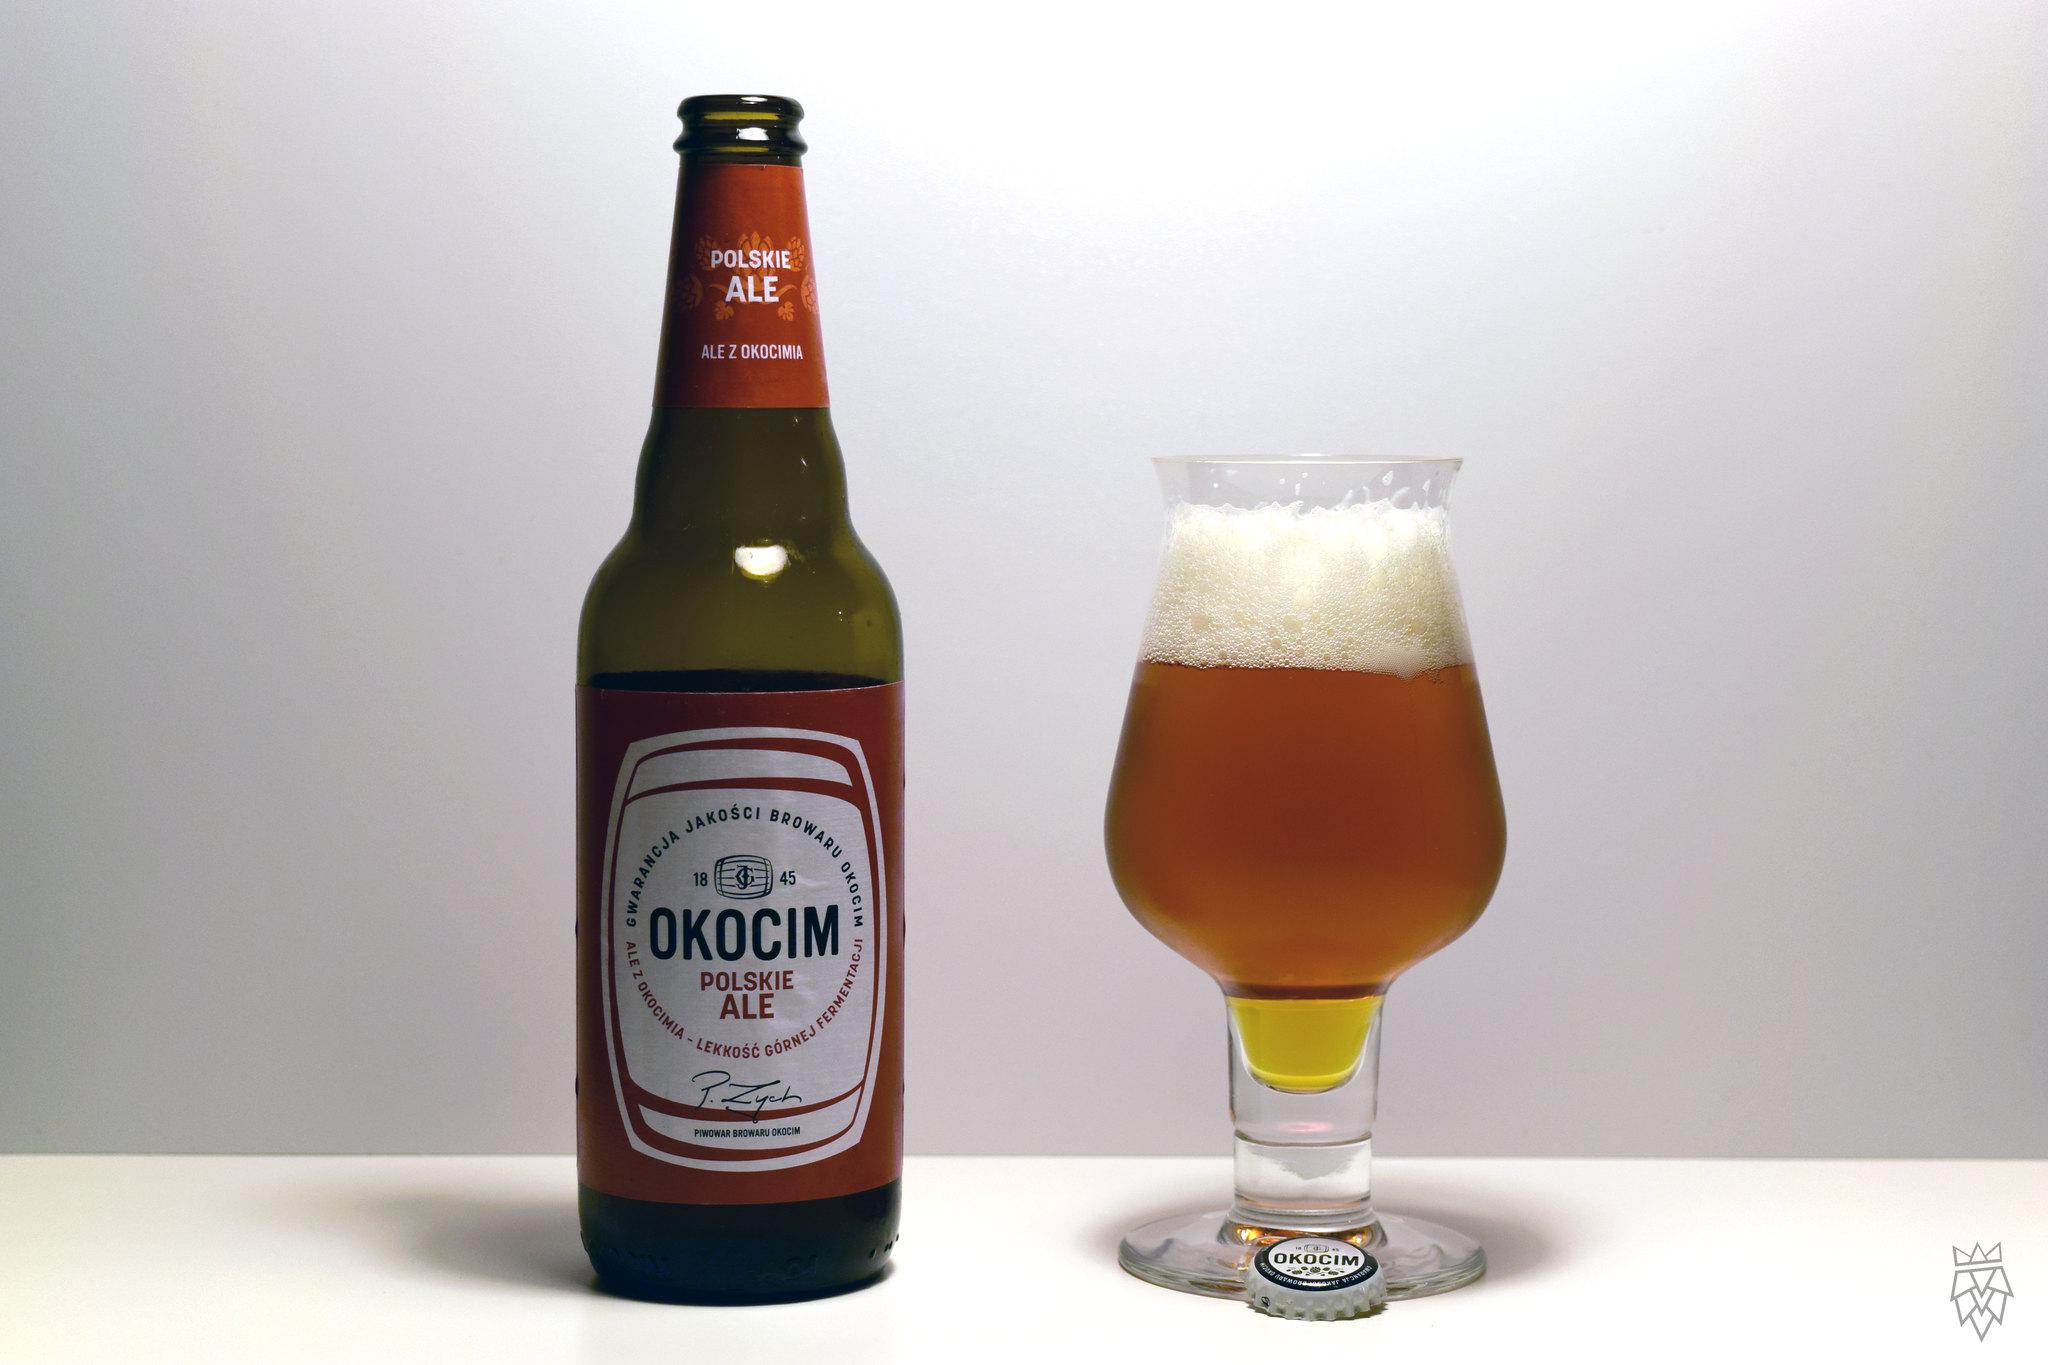 Okocim Polskie Ale